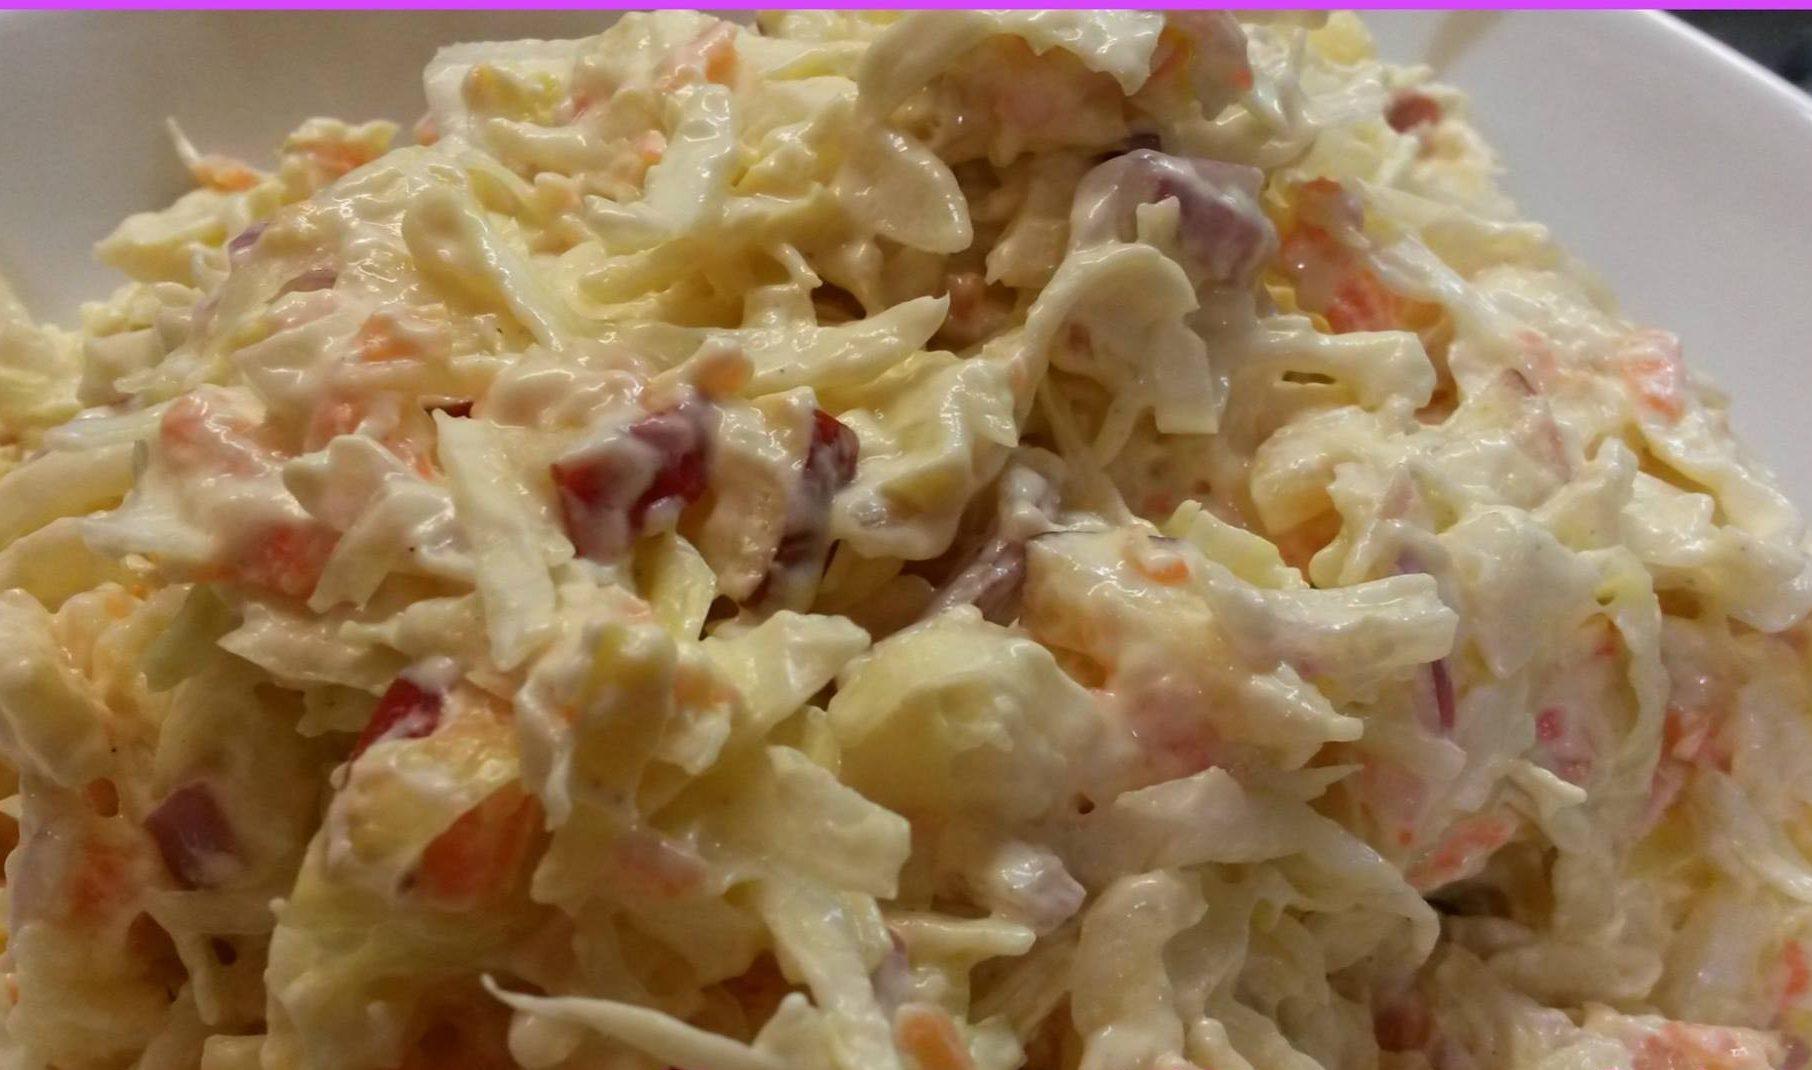 Σαλάτα λάχανο coleslaw  από τη Ρούλα Γιαννιώτη